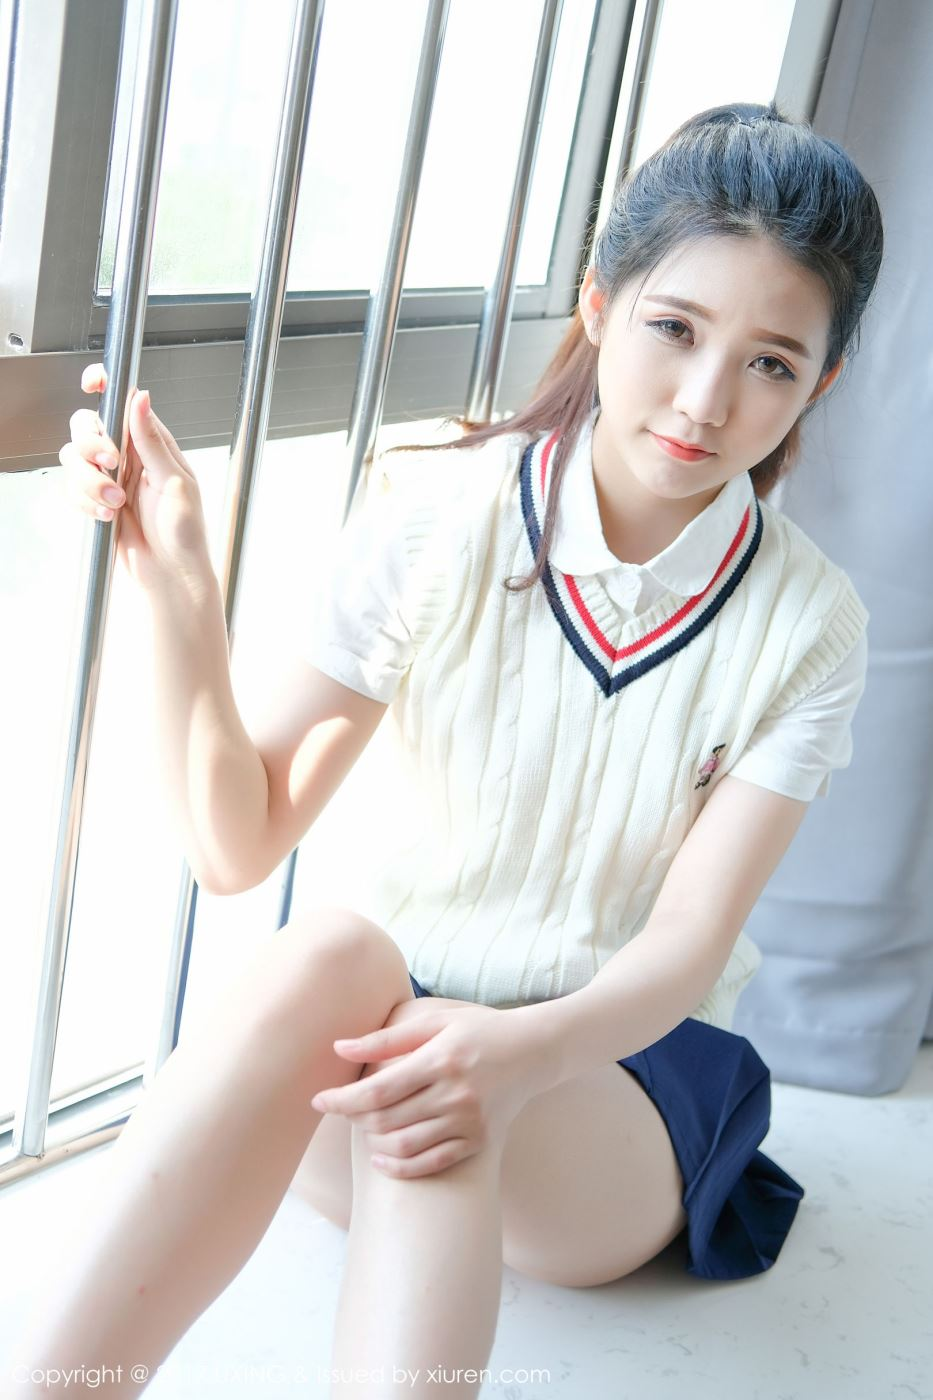 校服小美女_清纯学生妹可爱的小叶子校服美女超短裙小仙女图片(4)-清纯